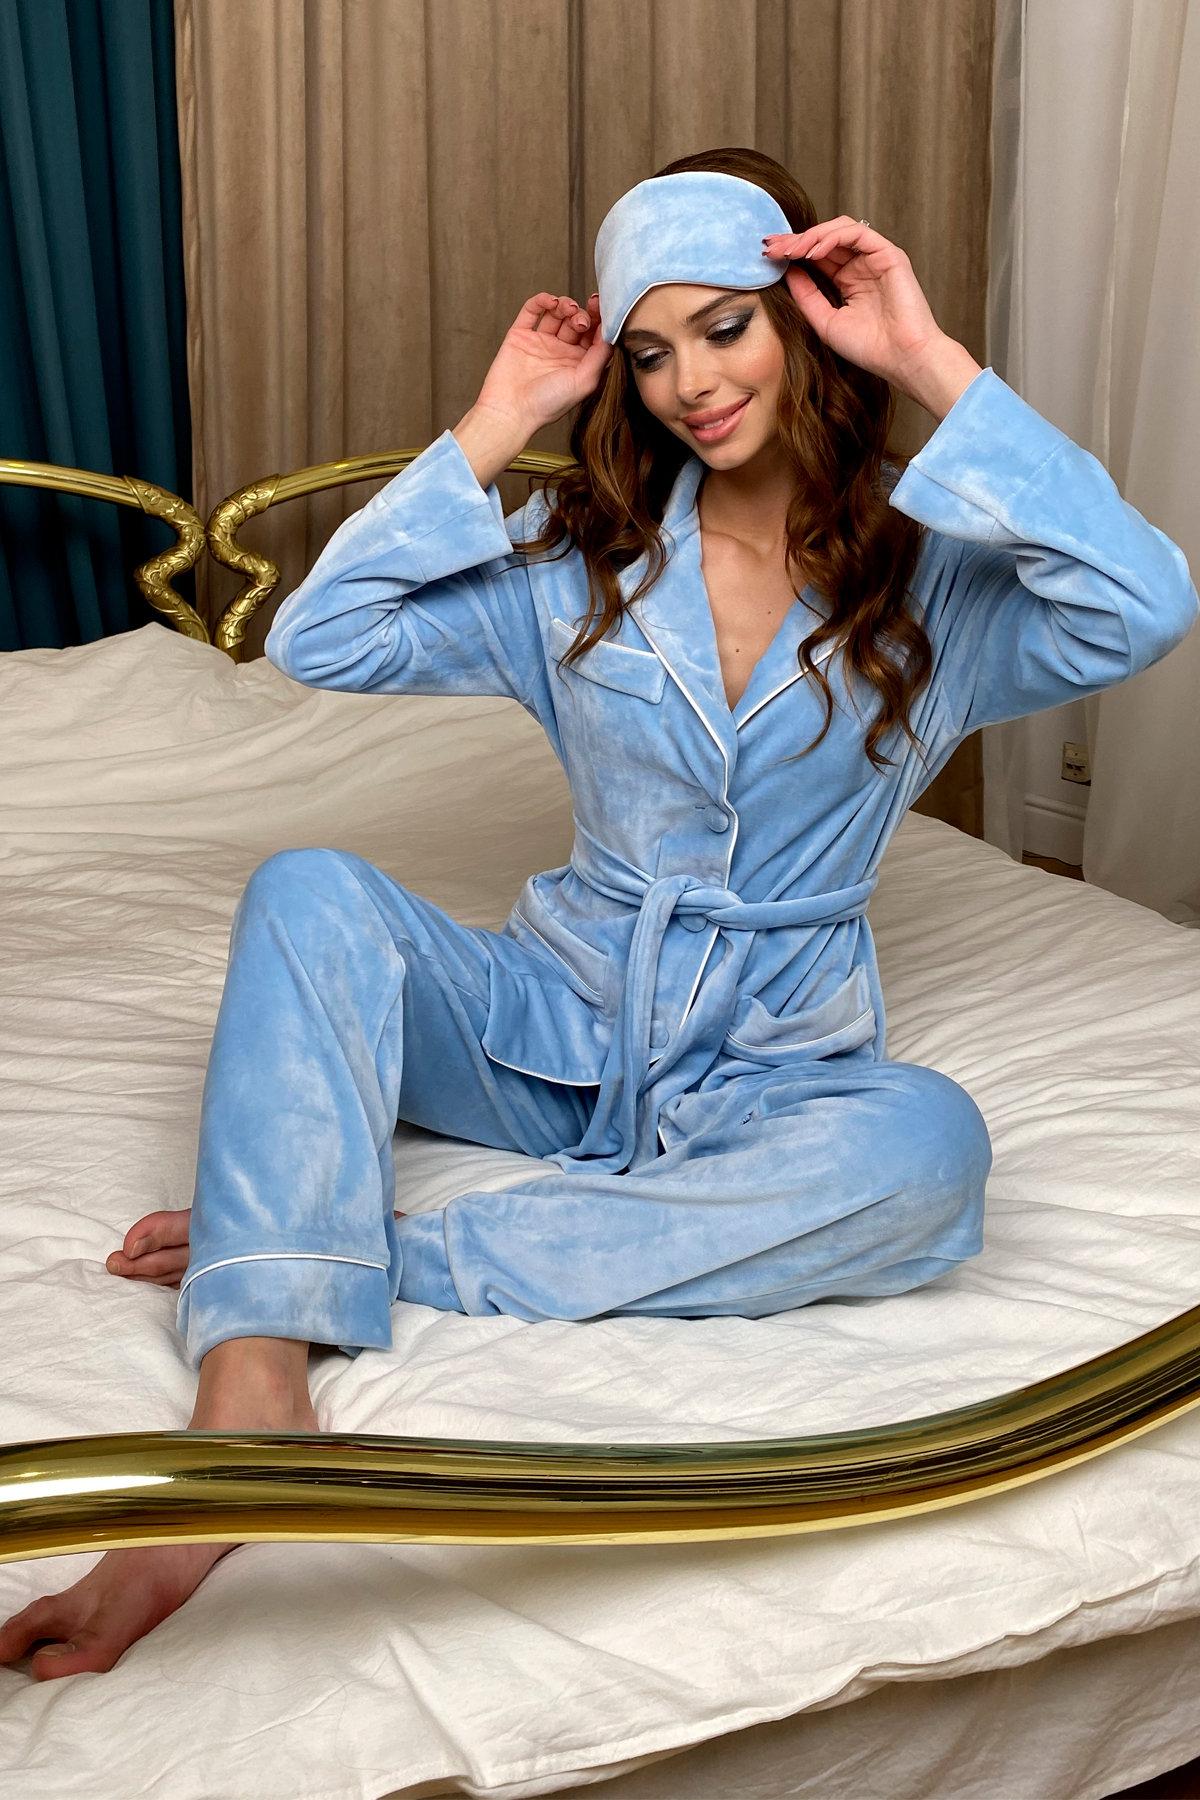 Шайн пижама велюр жакет брюки маска для сна 10353 АРТ. 46717 Цвет: Голубой - фото 6, интернет магазин tm-modus.ru